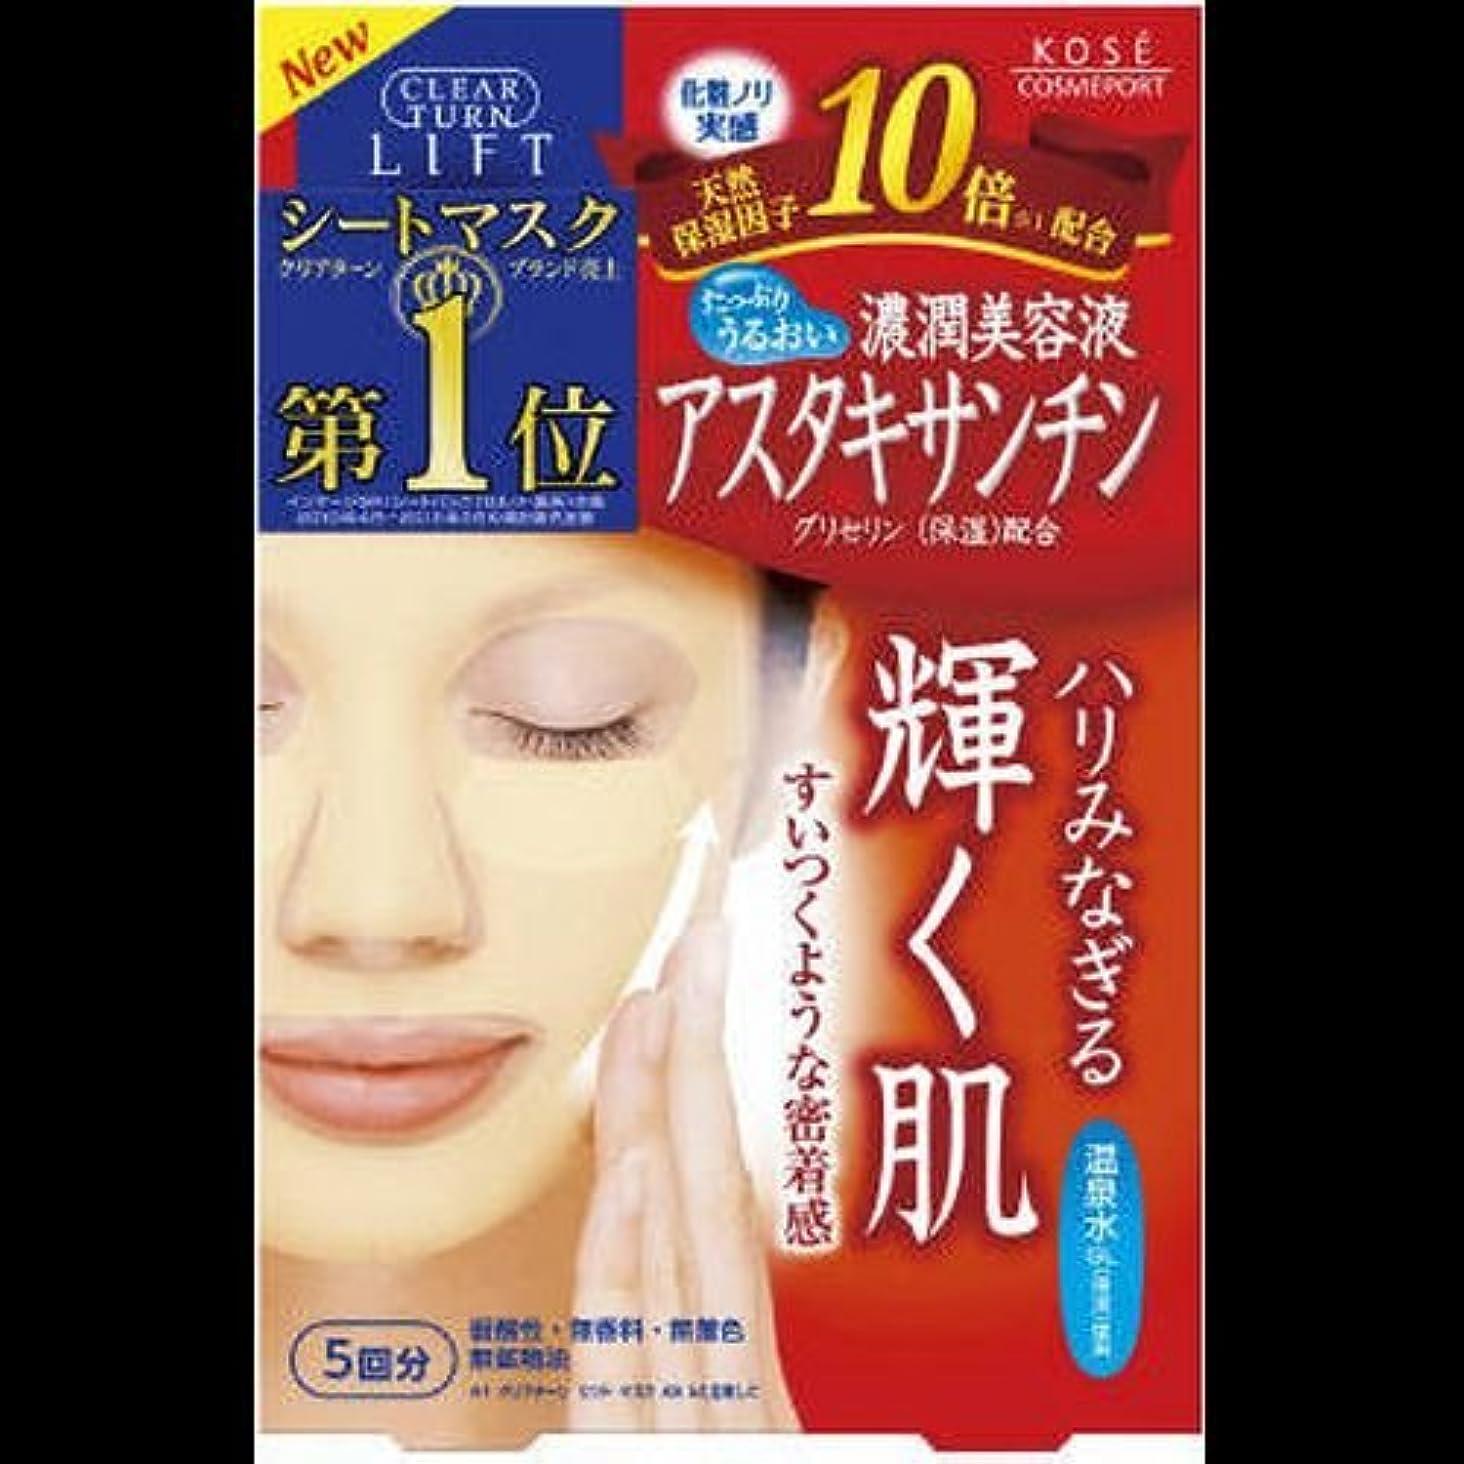 クリアターン リフト マスク AS c (アスタキサンチン) 5回分 ×2セット